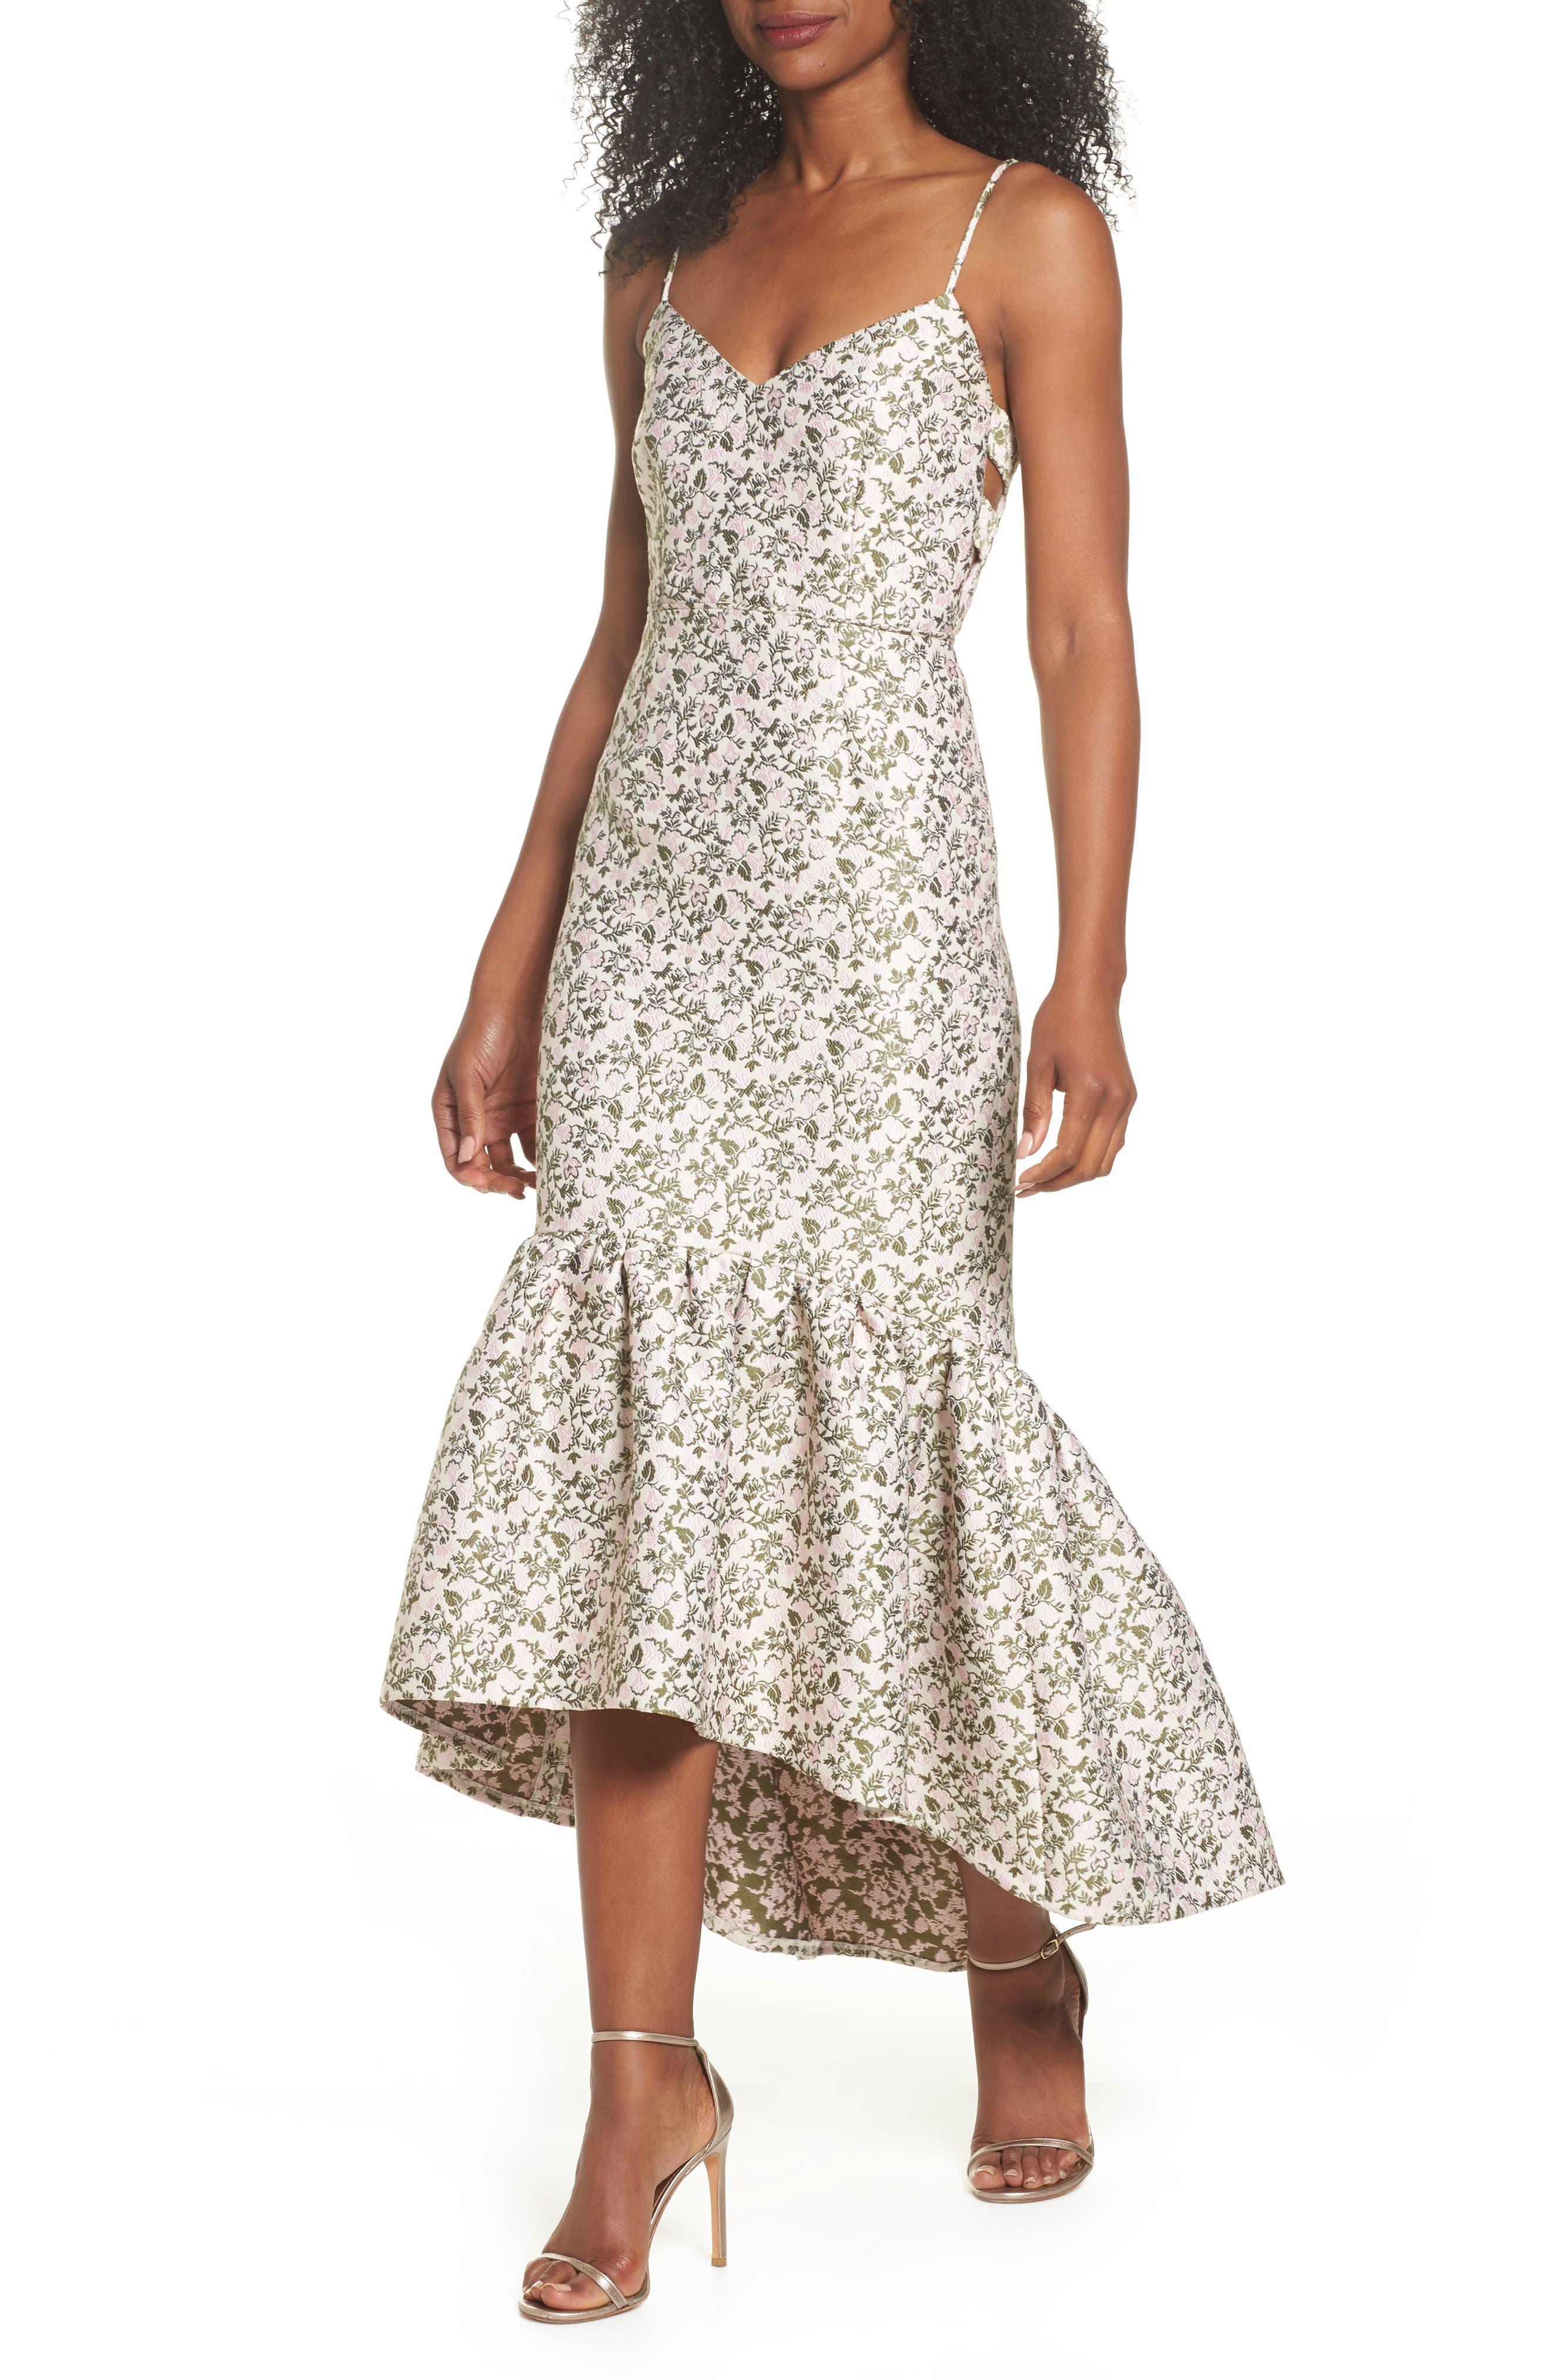 Jill Jill Stuart Jacquard High/Low Midi Dress